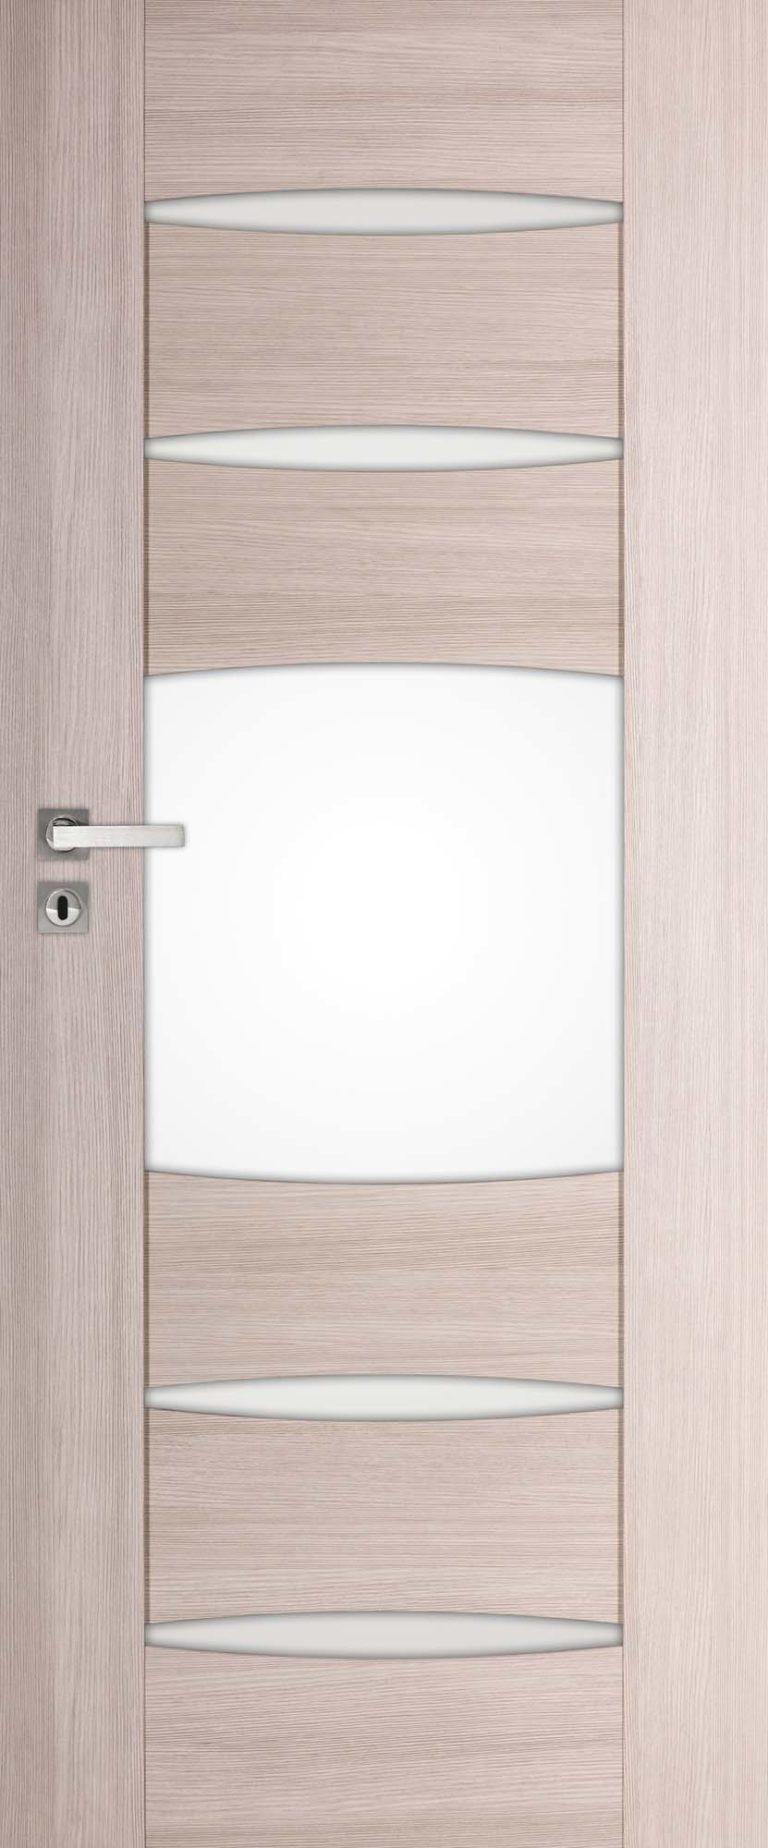 drzwi z zaokrąglonymi przeszkleniami, szyba matowa